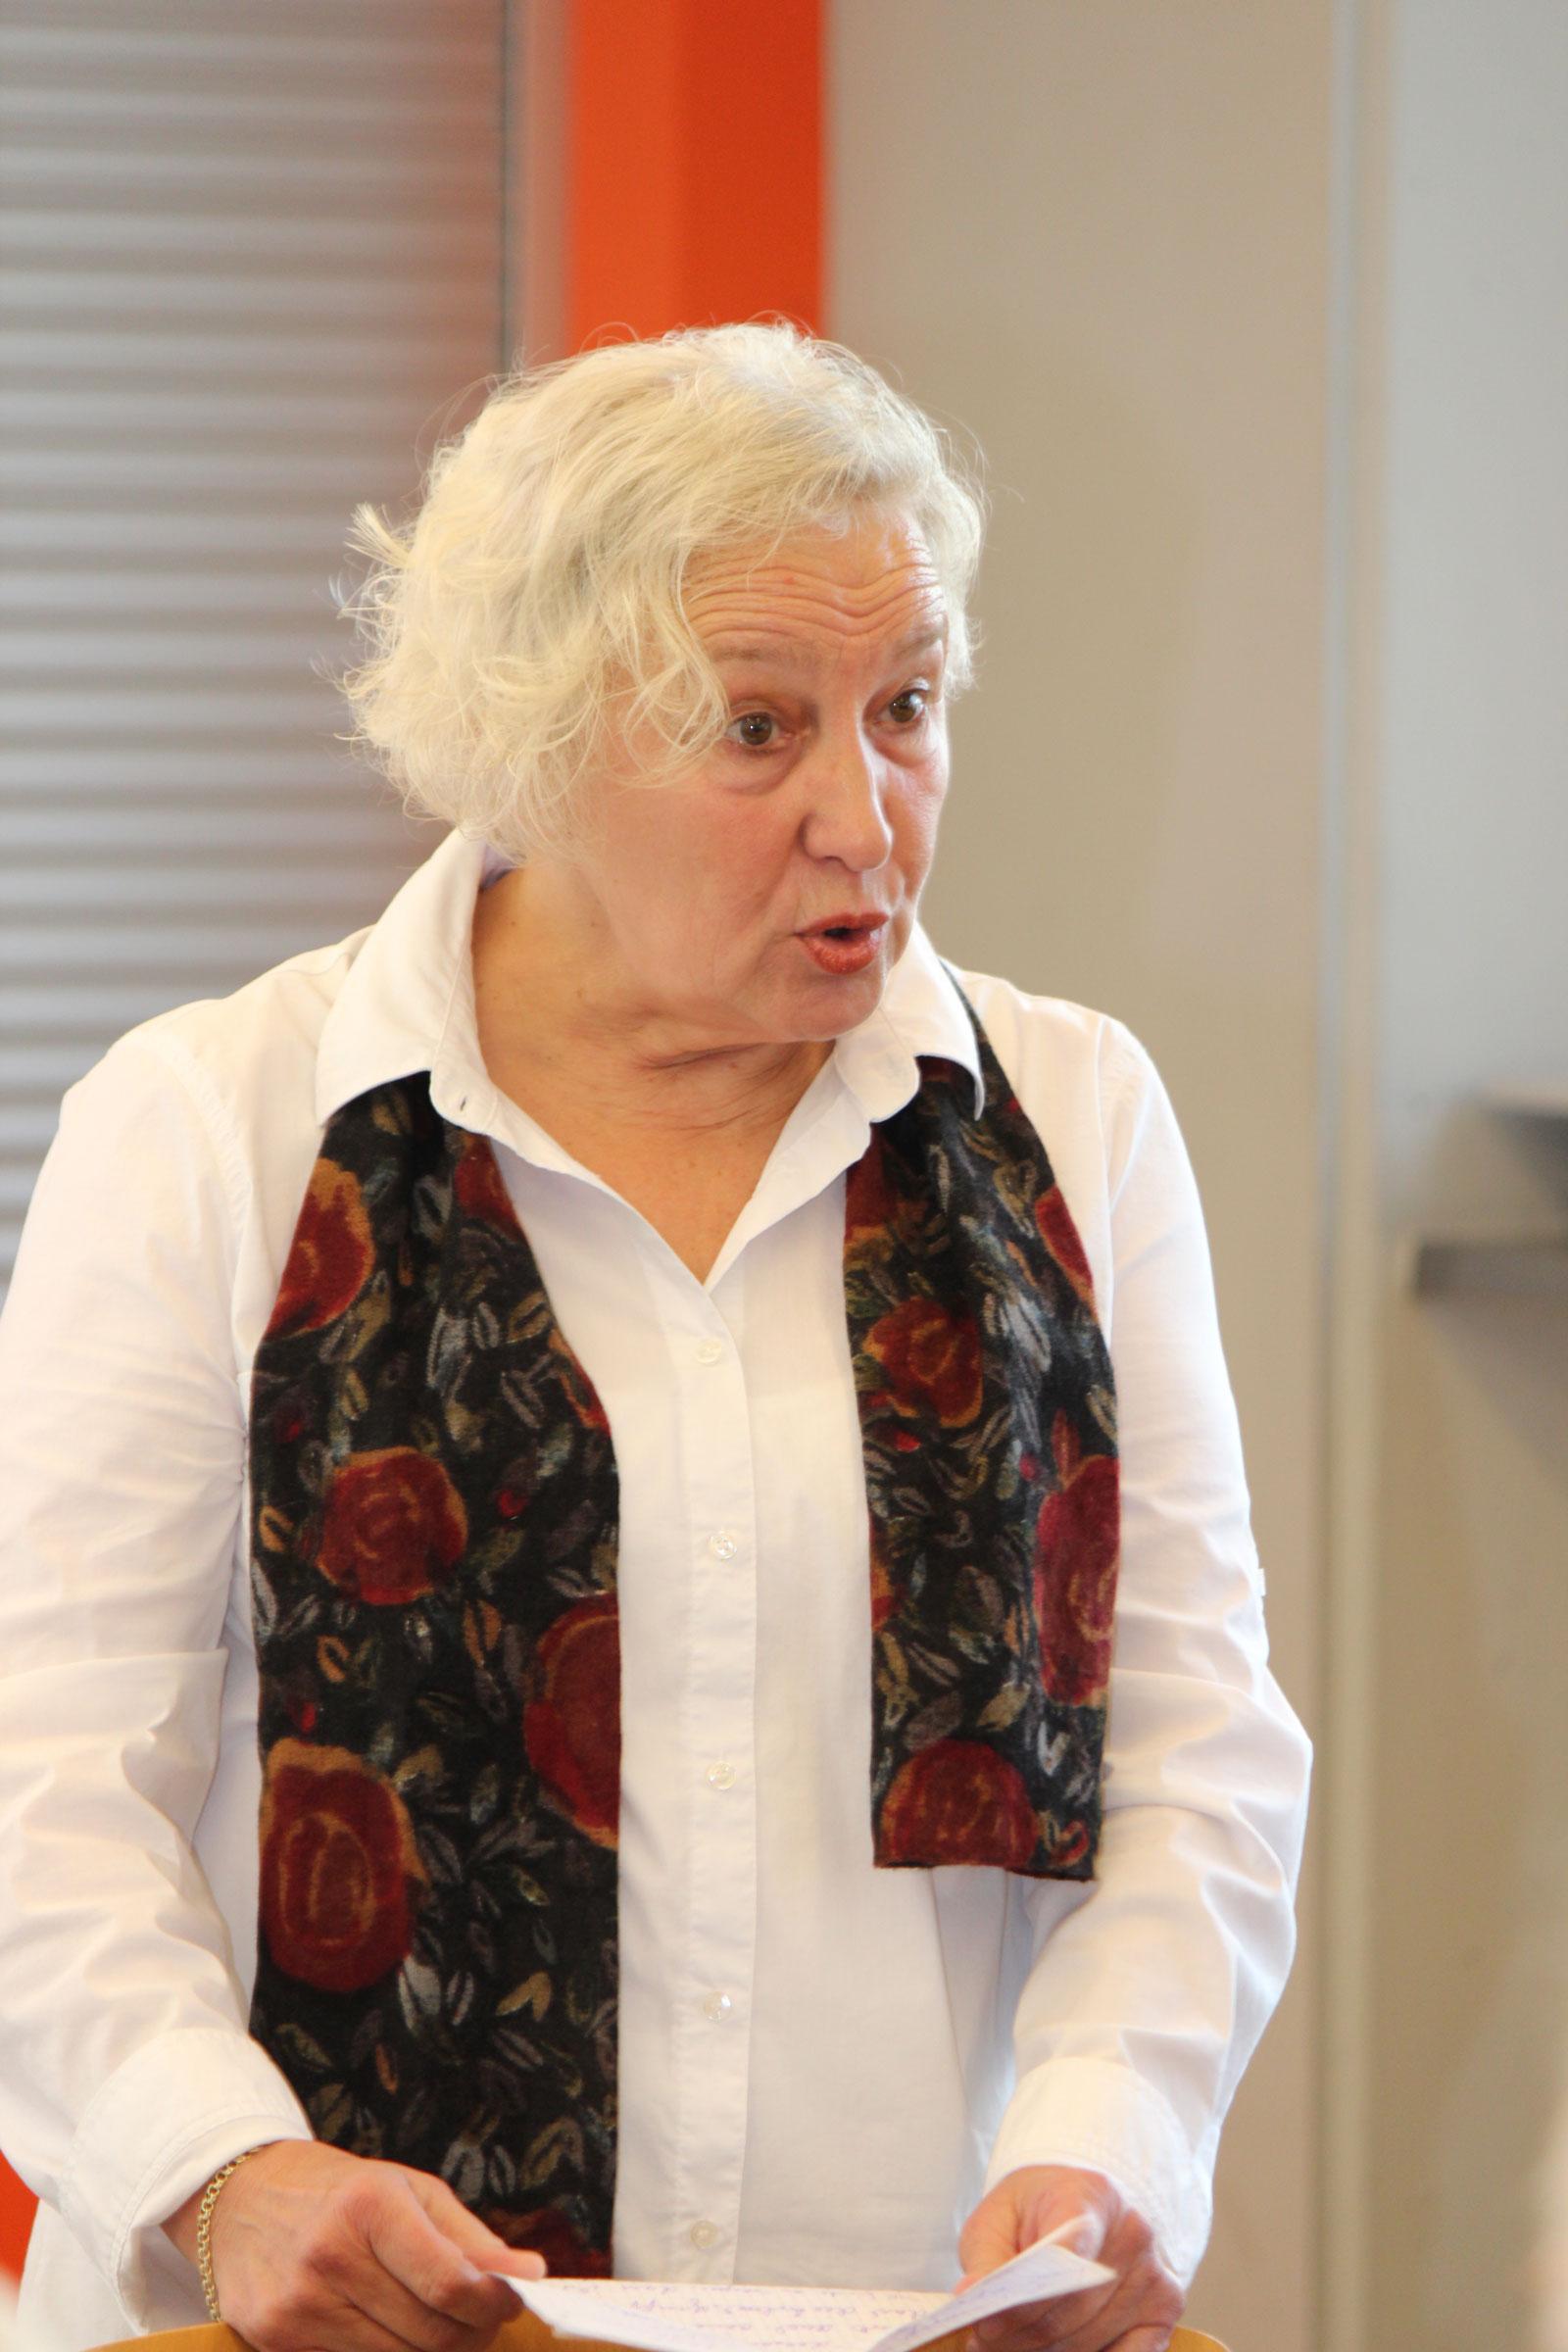 Doris Heinritz, Chefin des Theater mimulus, begleitete